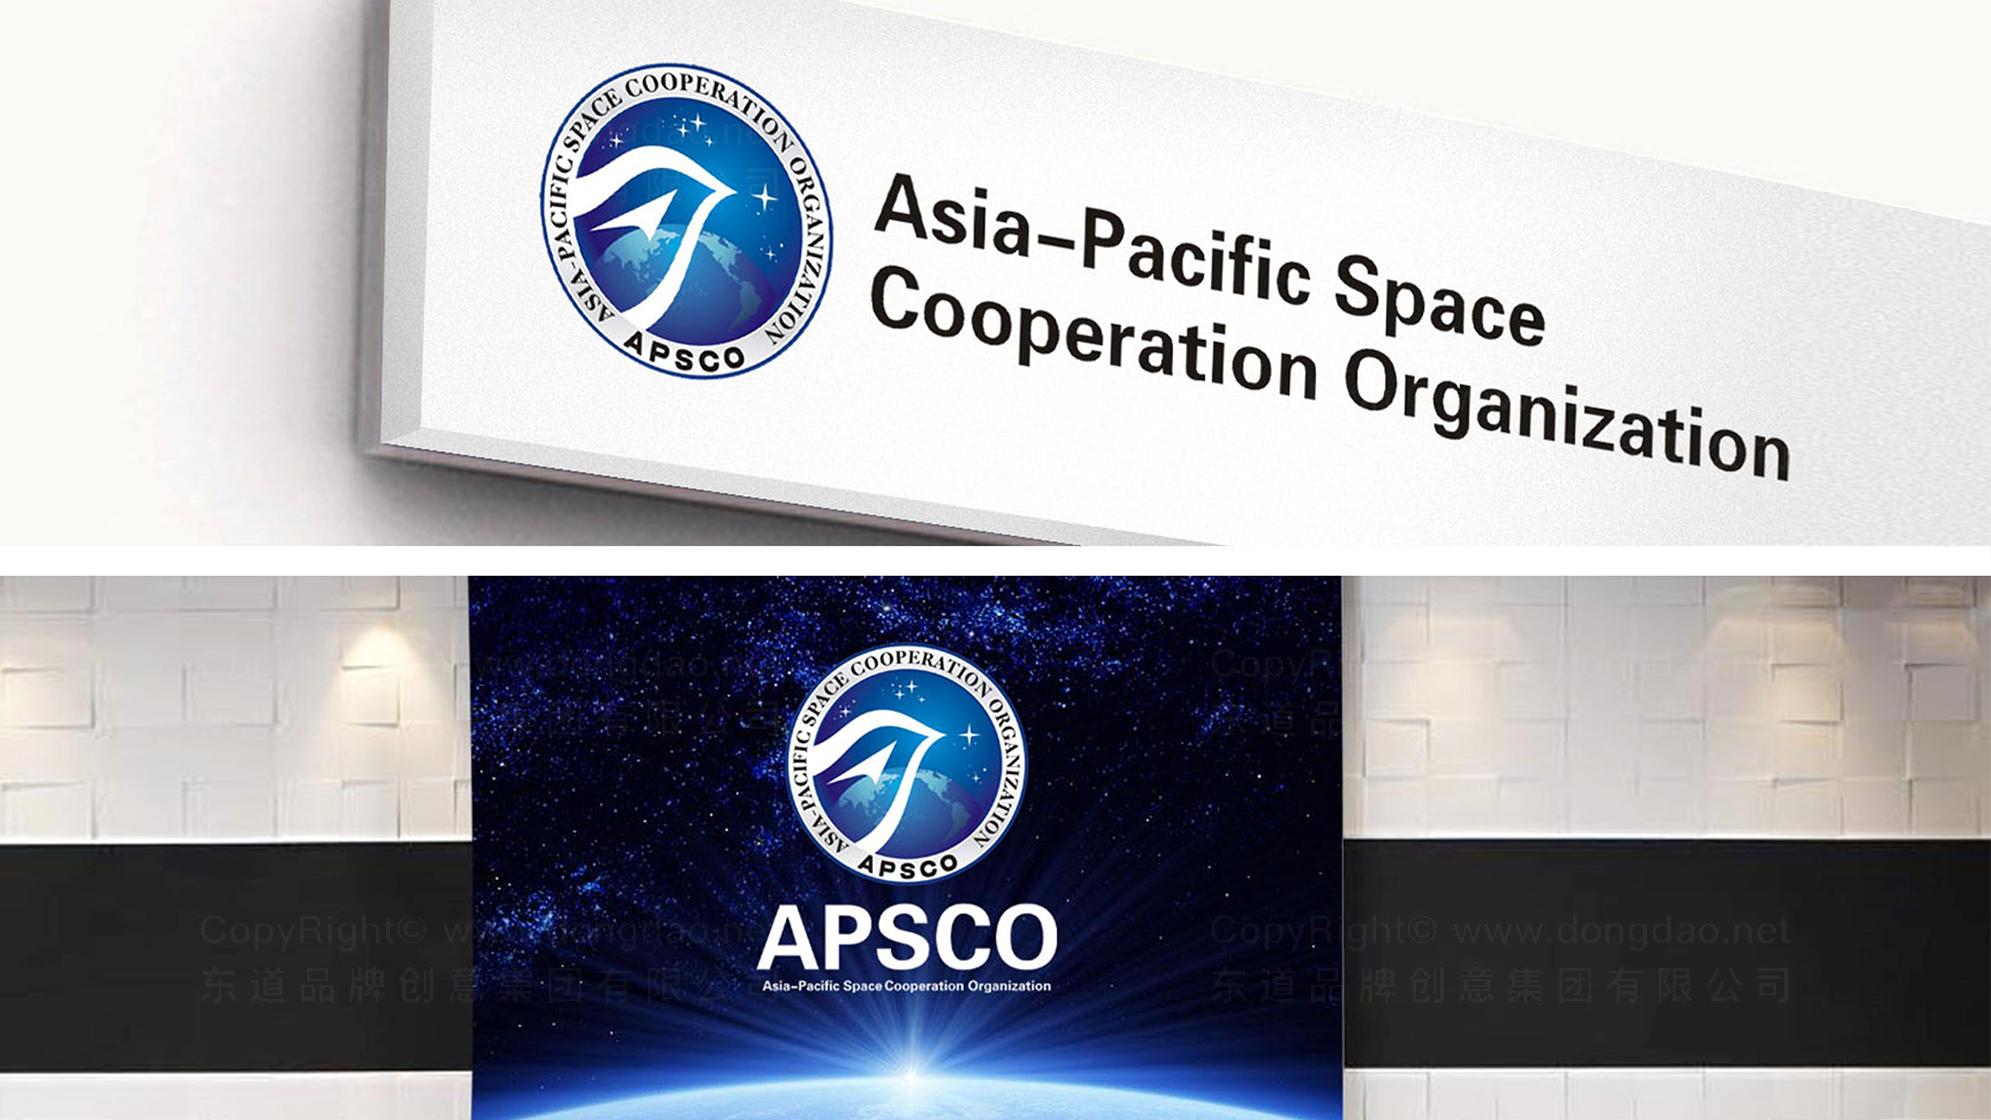 品牌设计亚太空间合作组织LOGO&VI设计应用场景_7